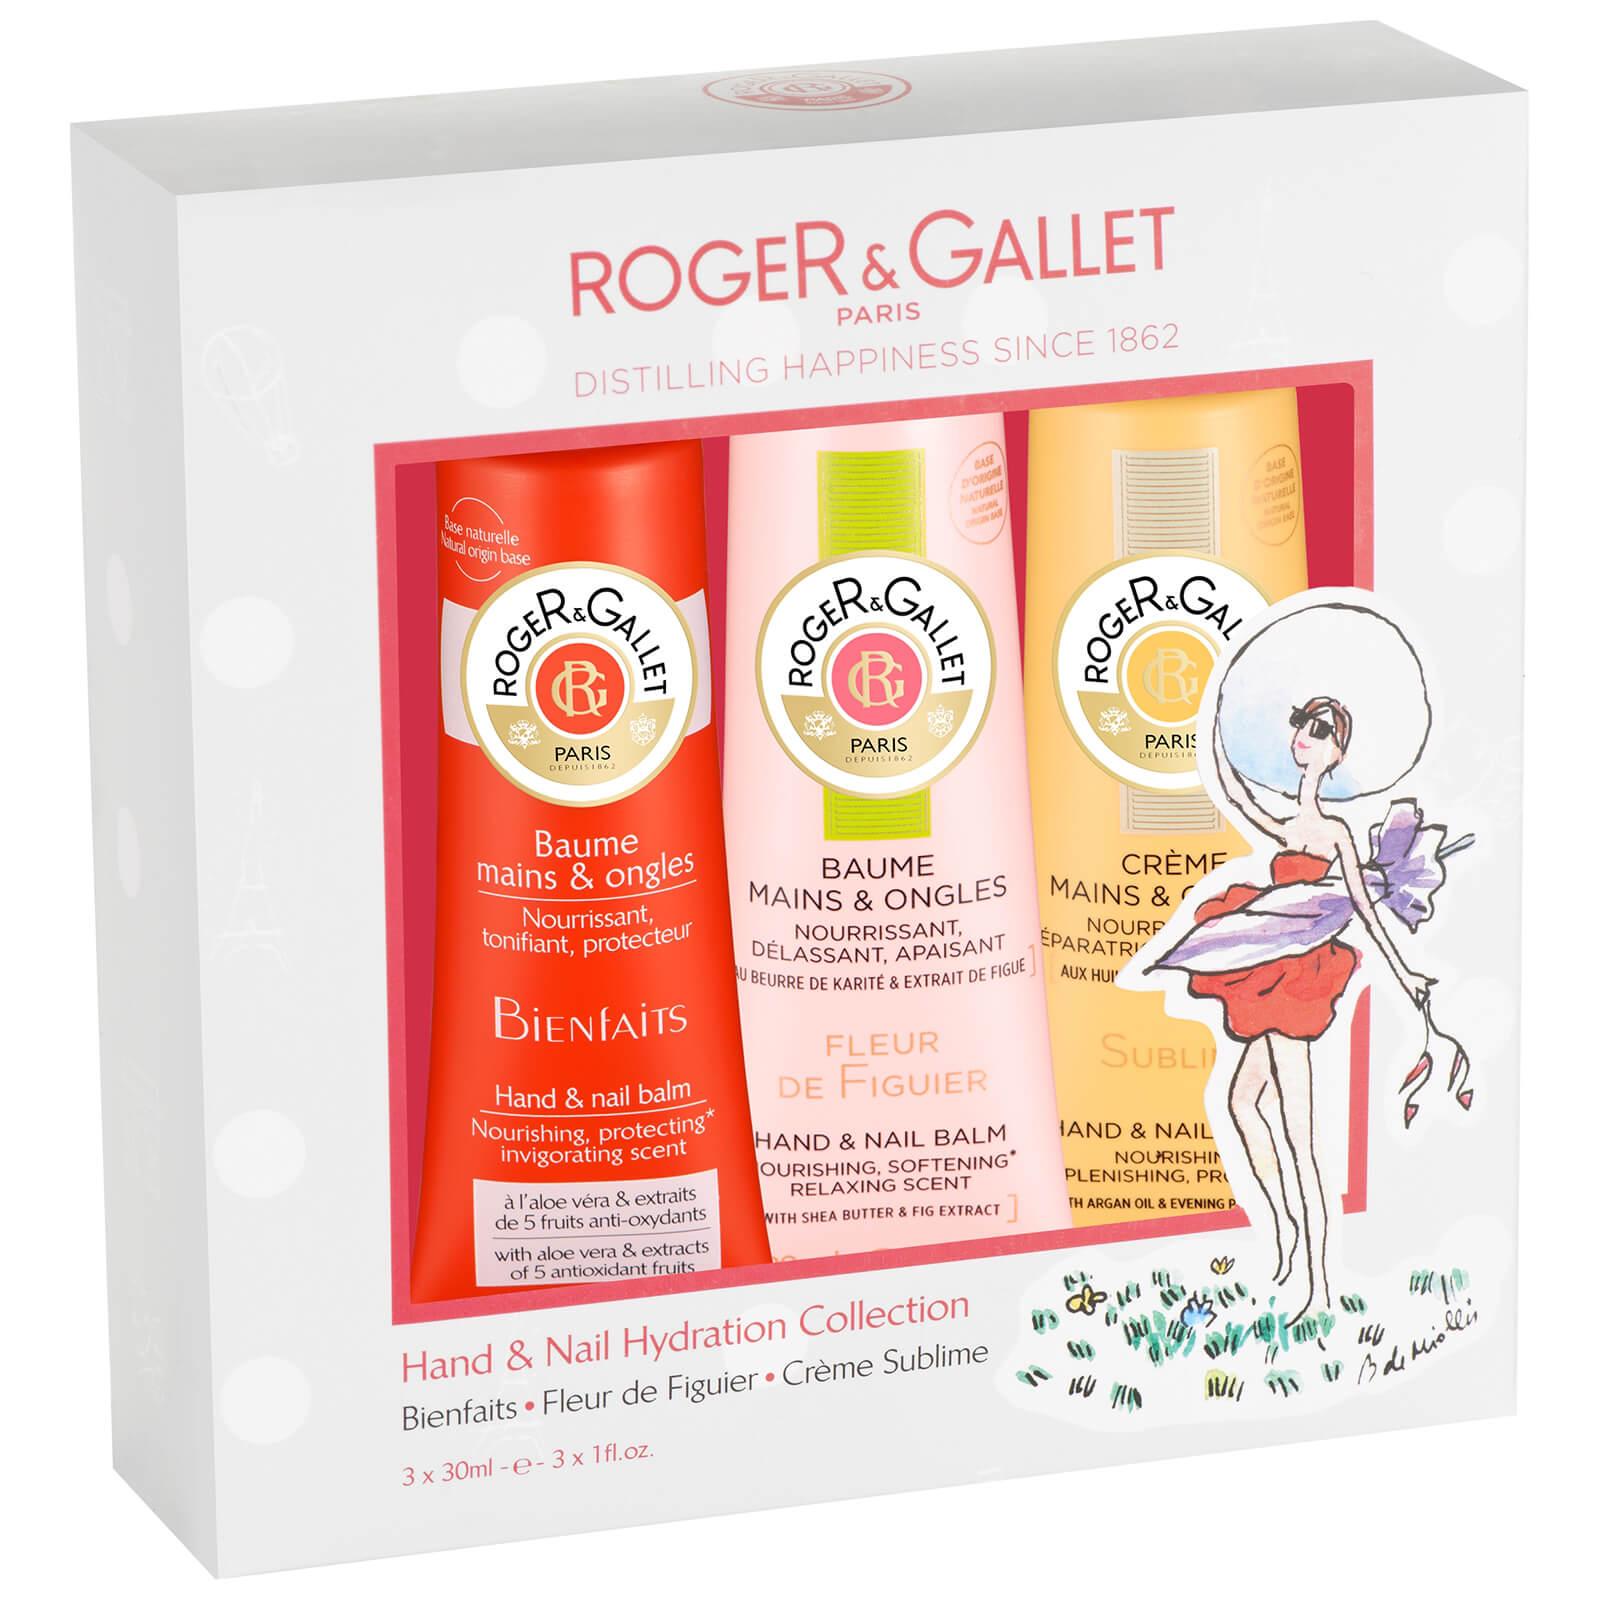 Kit para manos y uñas con bálsamo nutritivo, bálsamo hidratante y crema de manos de Roger&Gallet